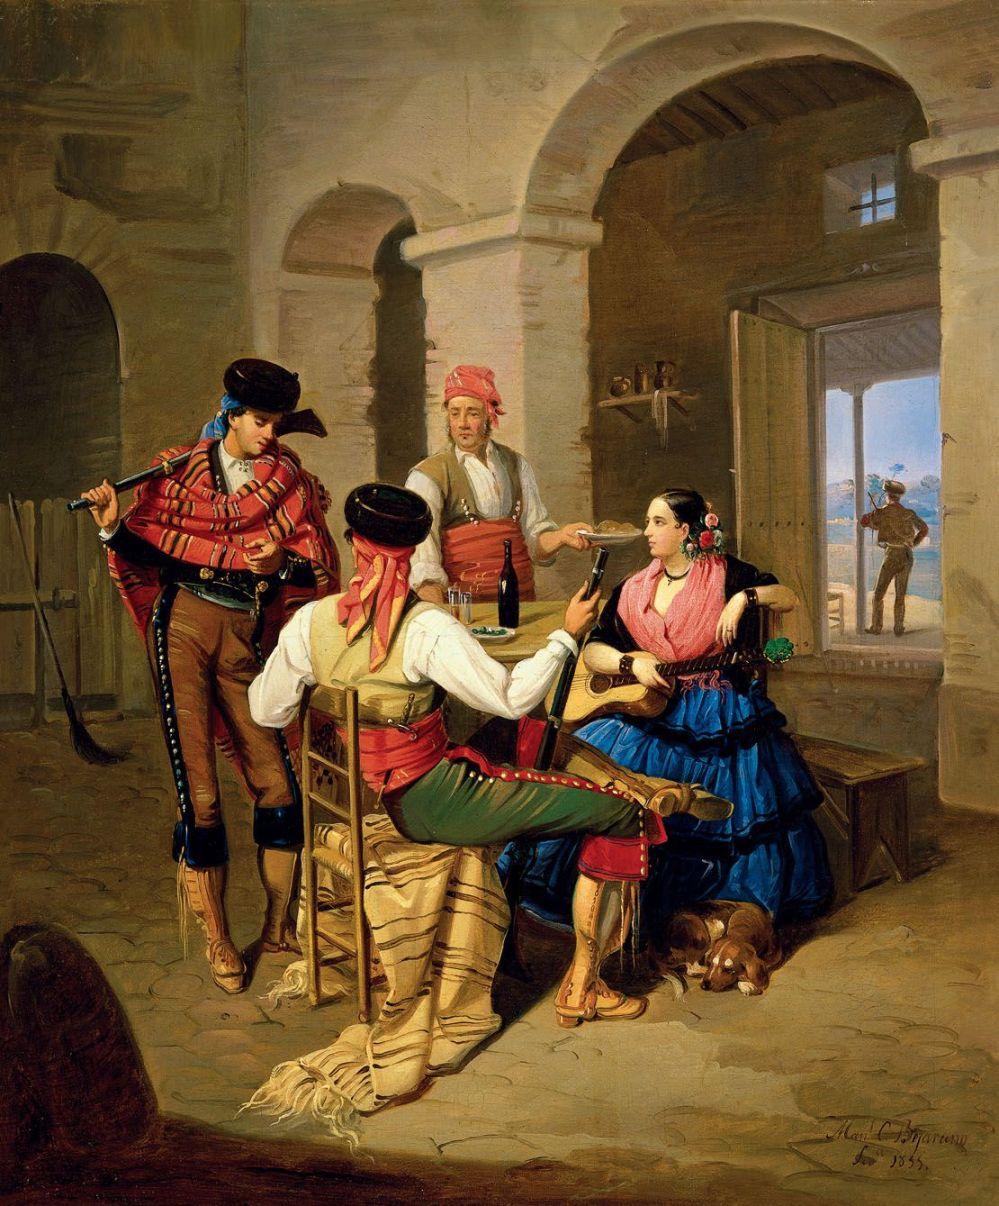 Manuel Cabral y Aguado Bejarano. Escena de una venta. 1855. Museo Carmen Thyssen. Málaga.